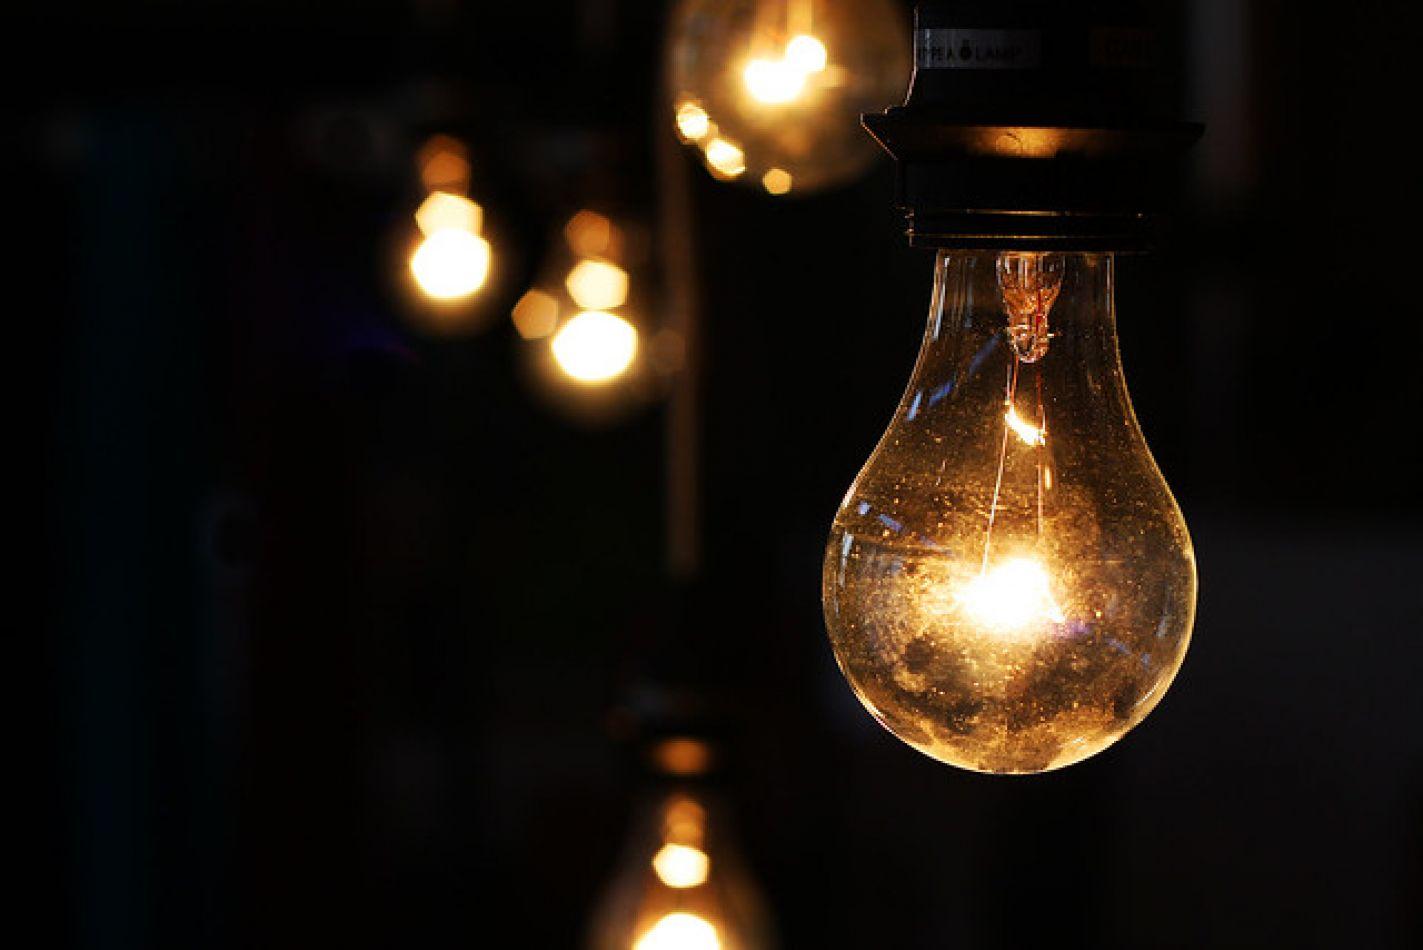 Quieren declarar al norte de Salta como zona caliente y establecer una tarifa diferente en energía eléctrica